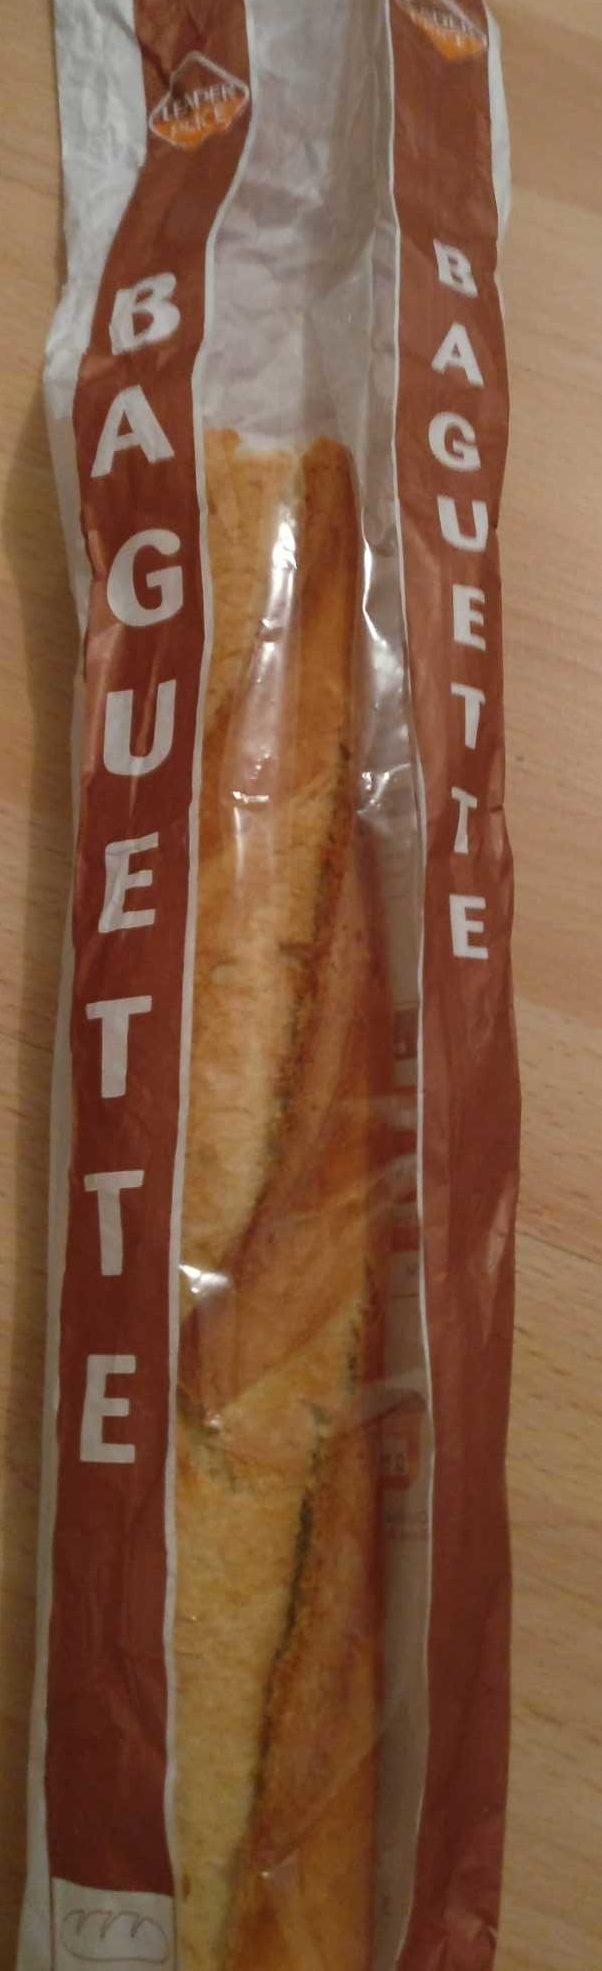 Baguette - Product - fr